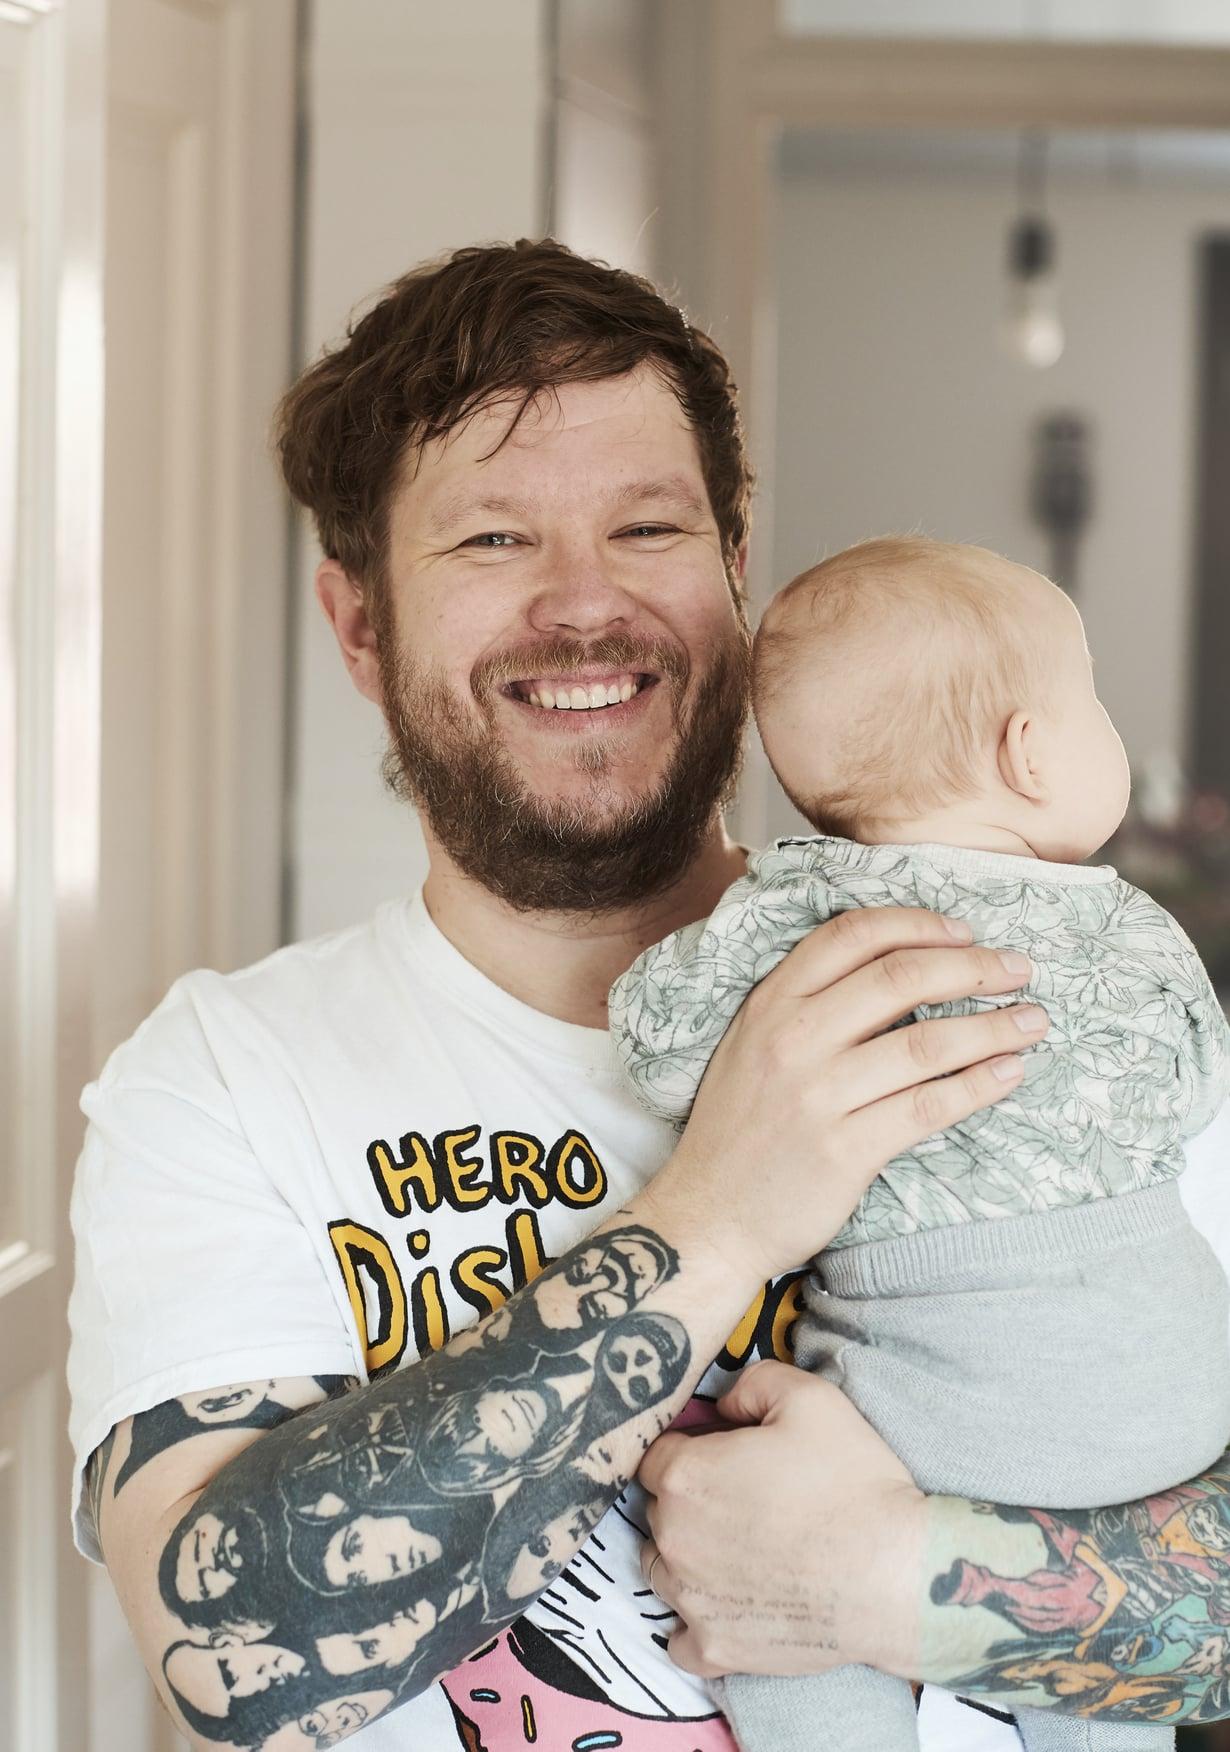 Jo esikoisen vauva-aikana Samae heräsi öisin syöttämään ja rauhoittelemaan vauvaa. Samalla hän katsoi NHL-otteluita.